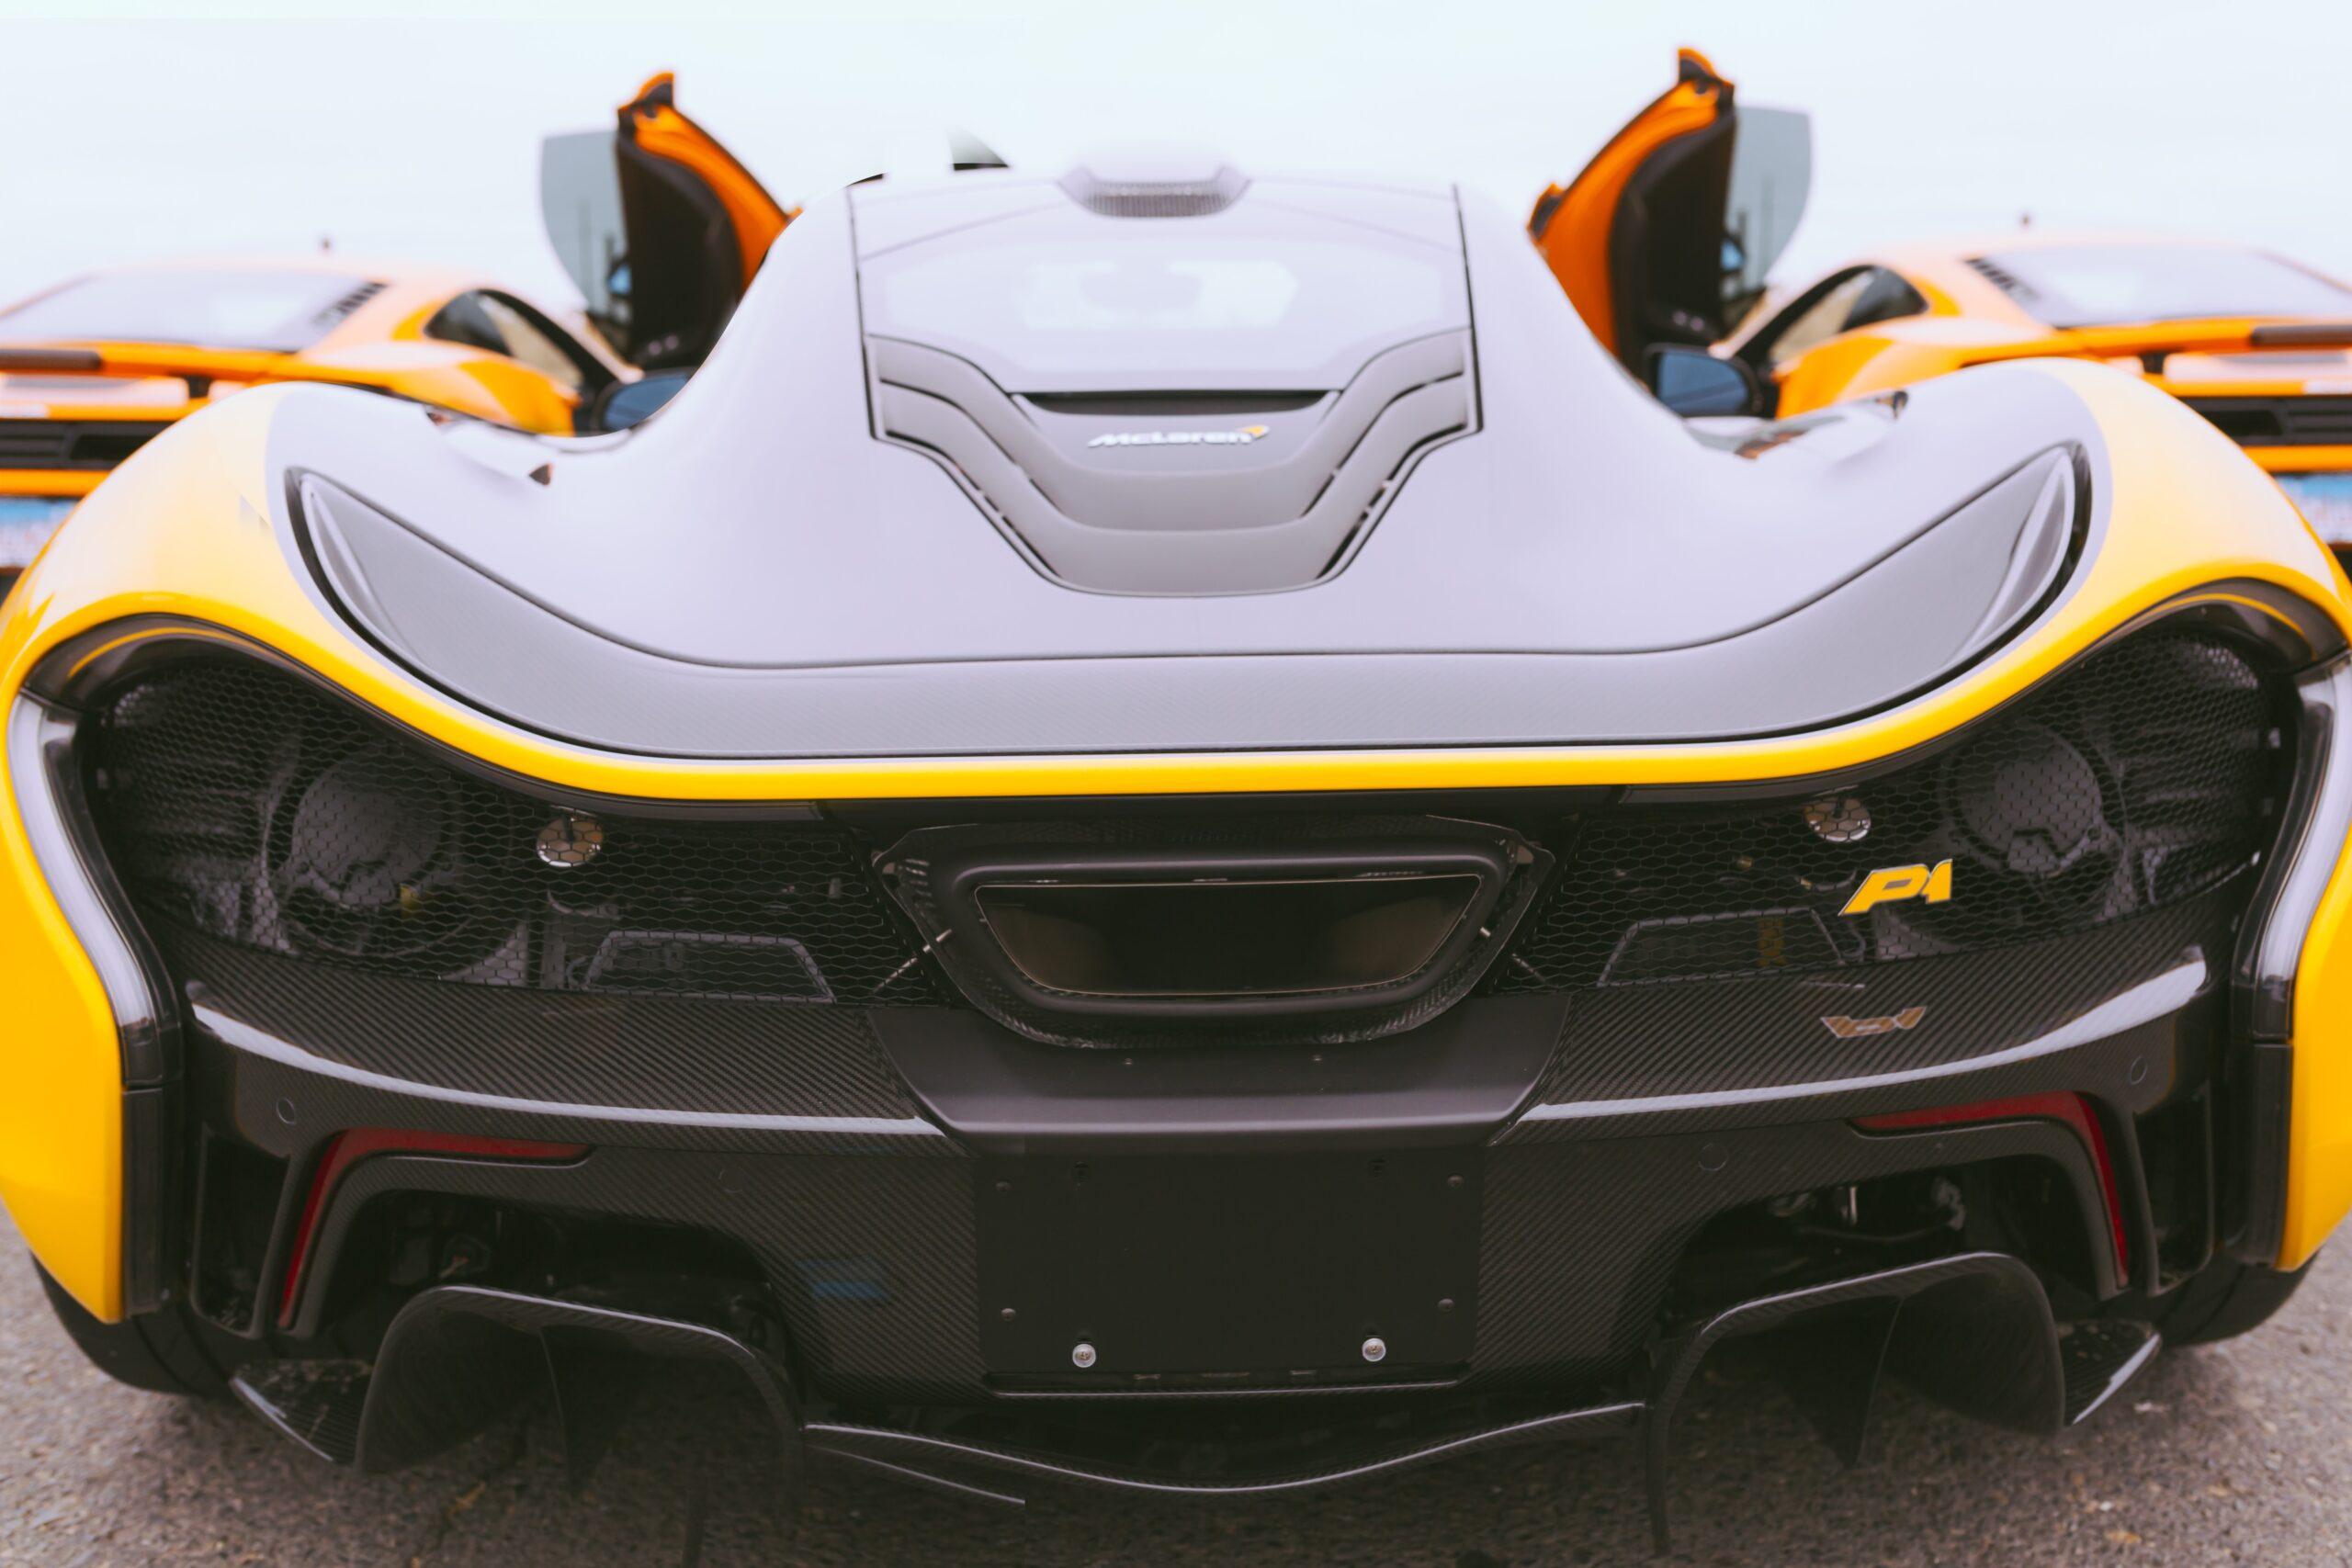 The Best Dream Cars for Entrepreneurs